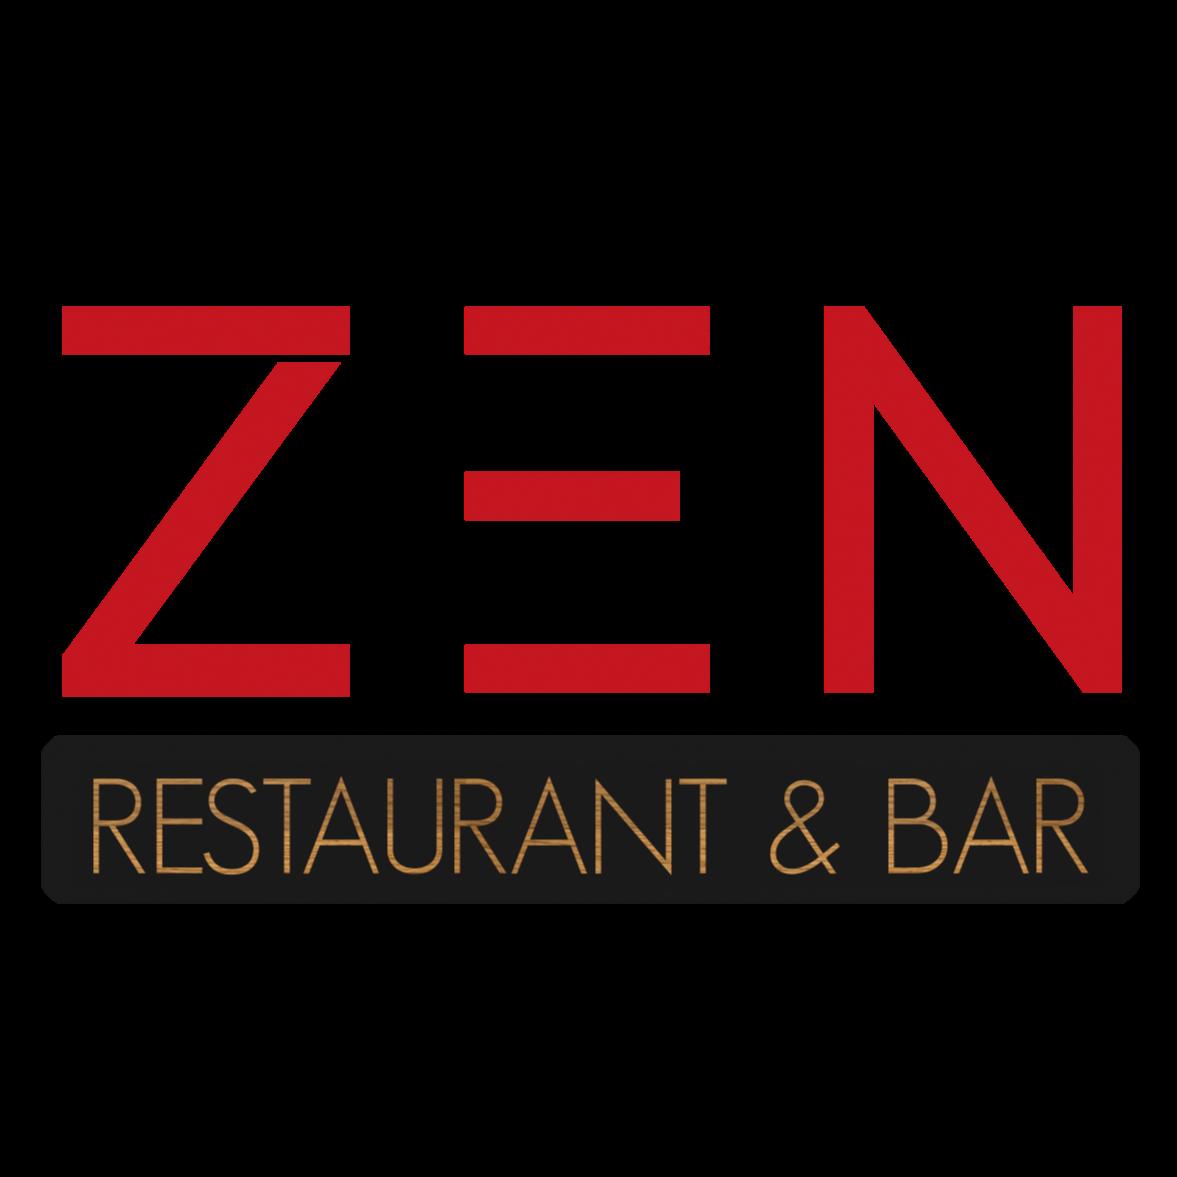 ZEN Restaurant & Bar